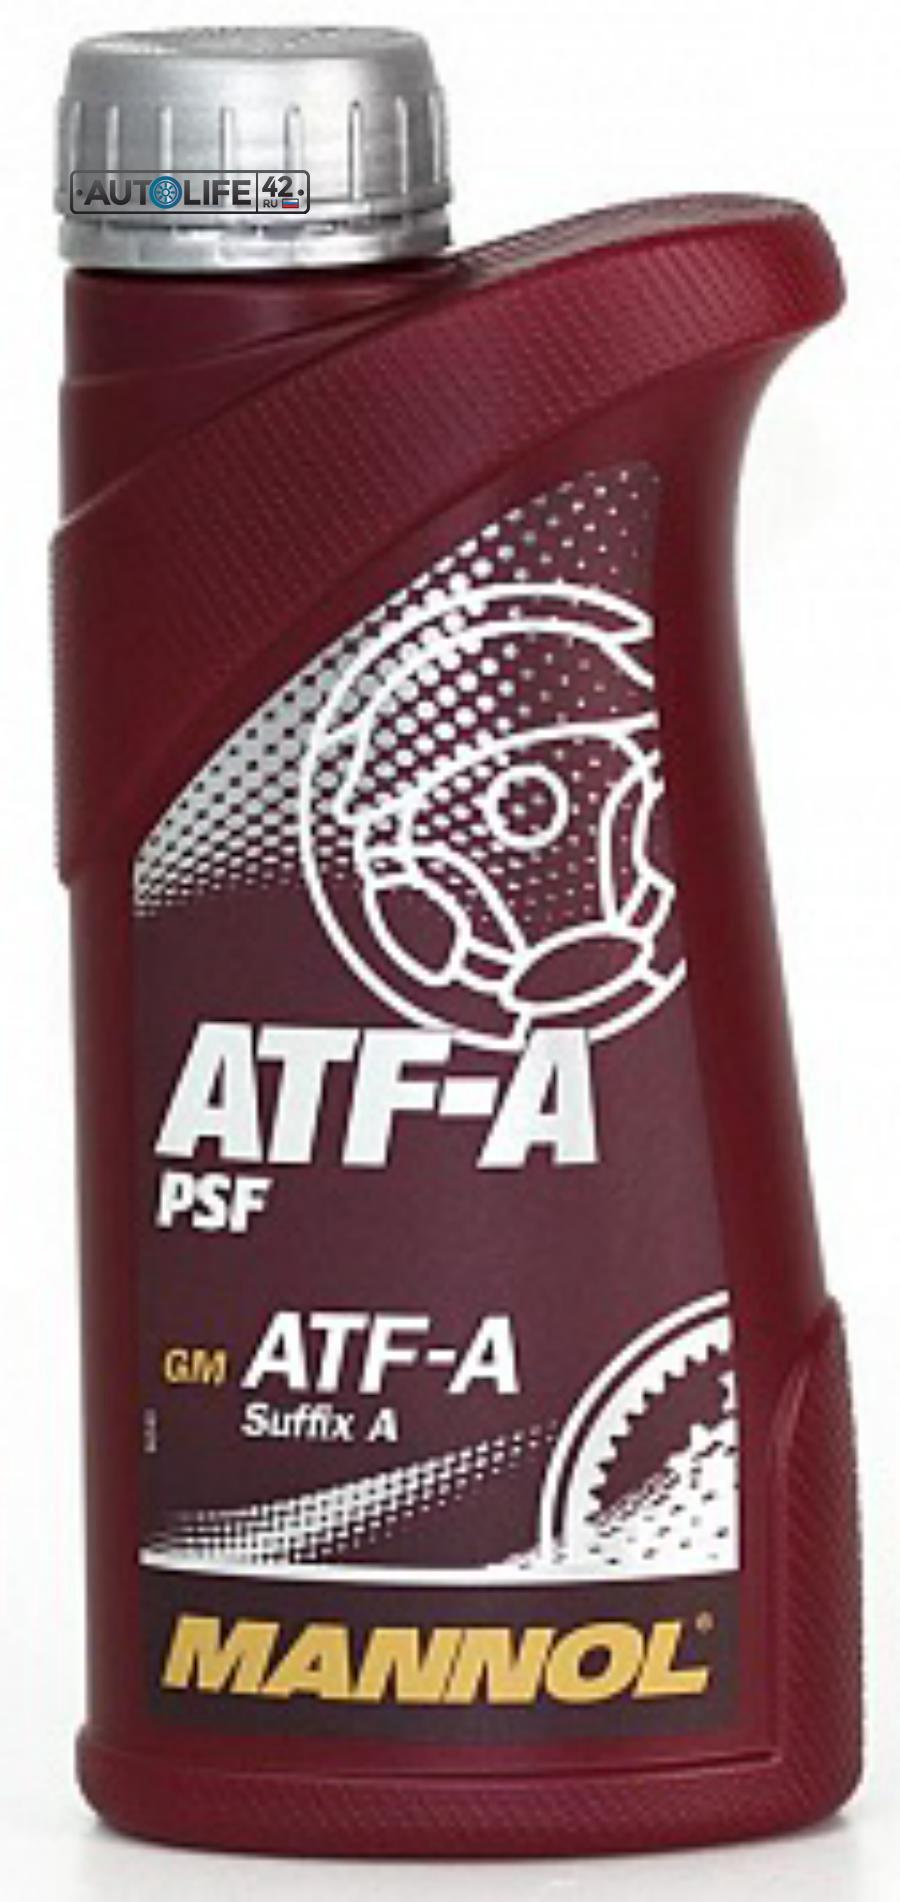 Масло трансмиссионное ATF-A PSF, 1л